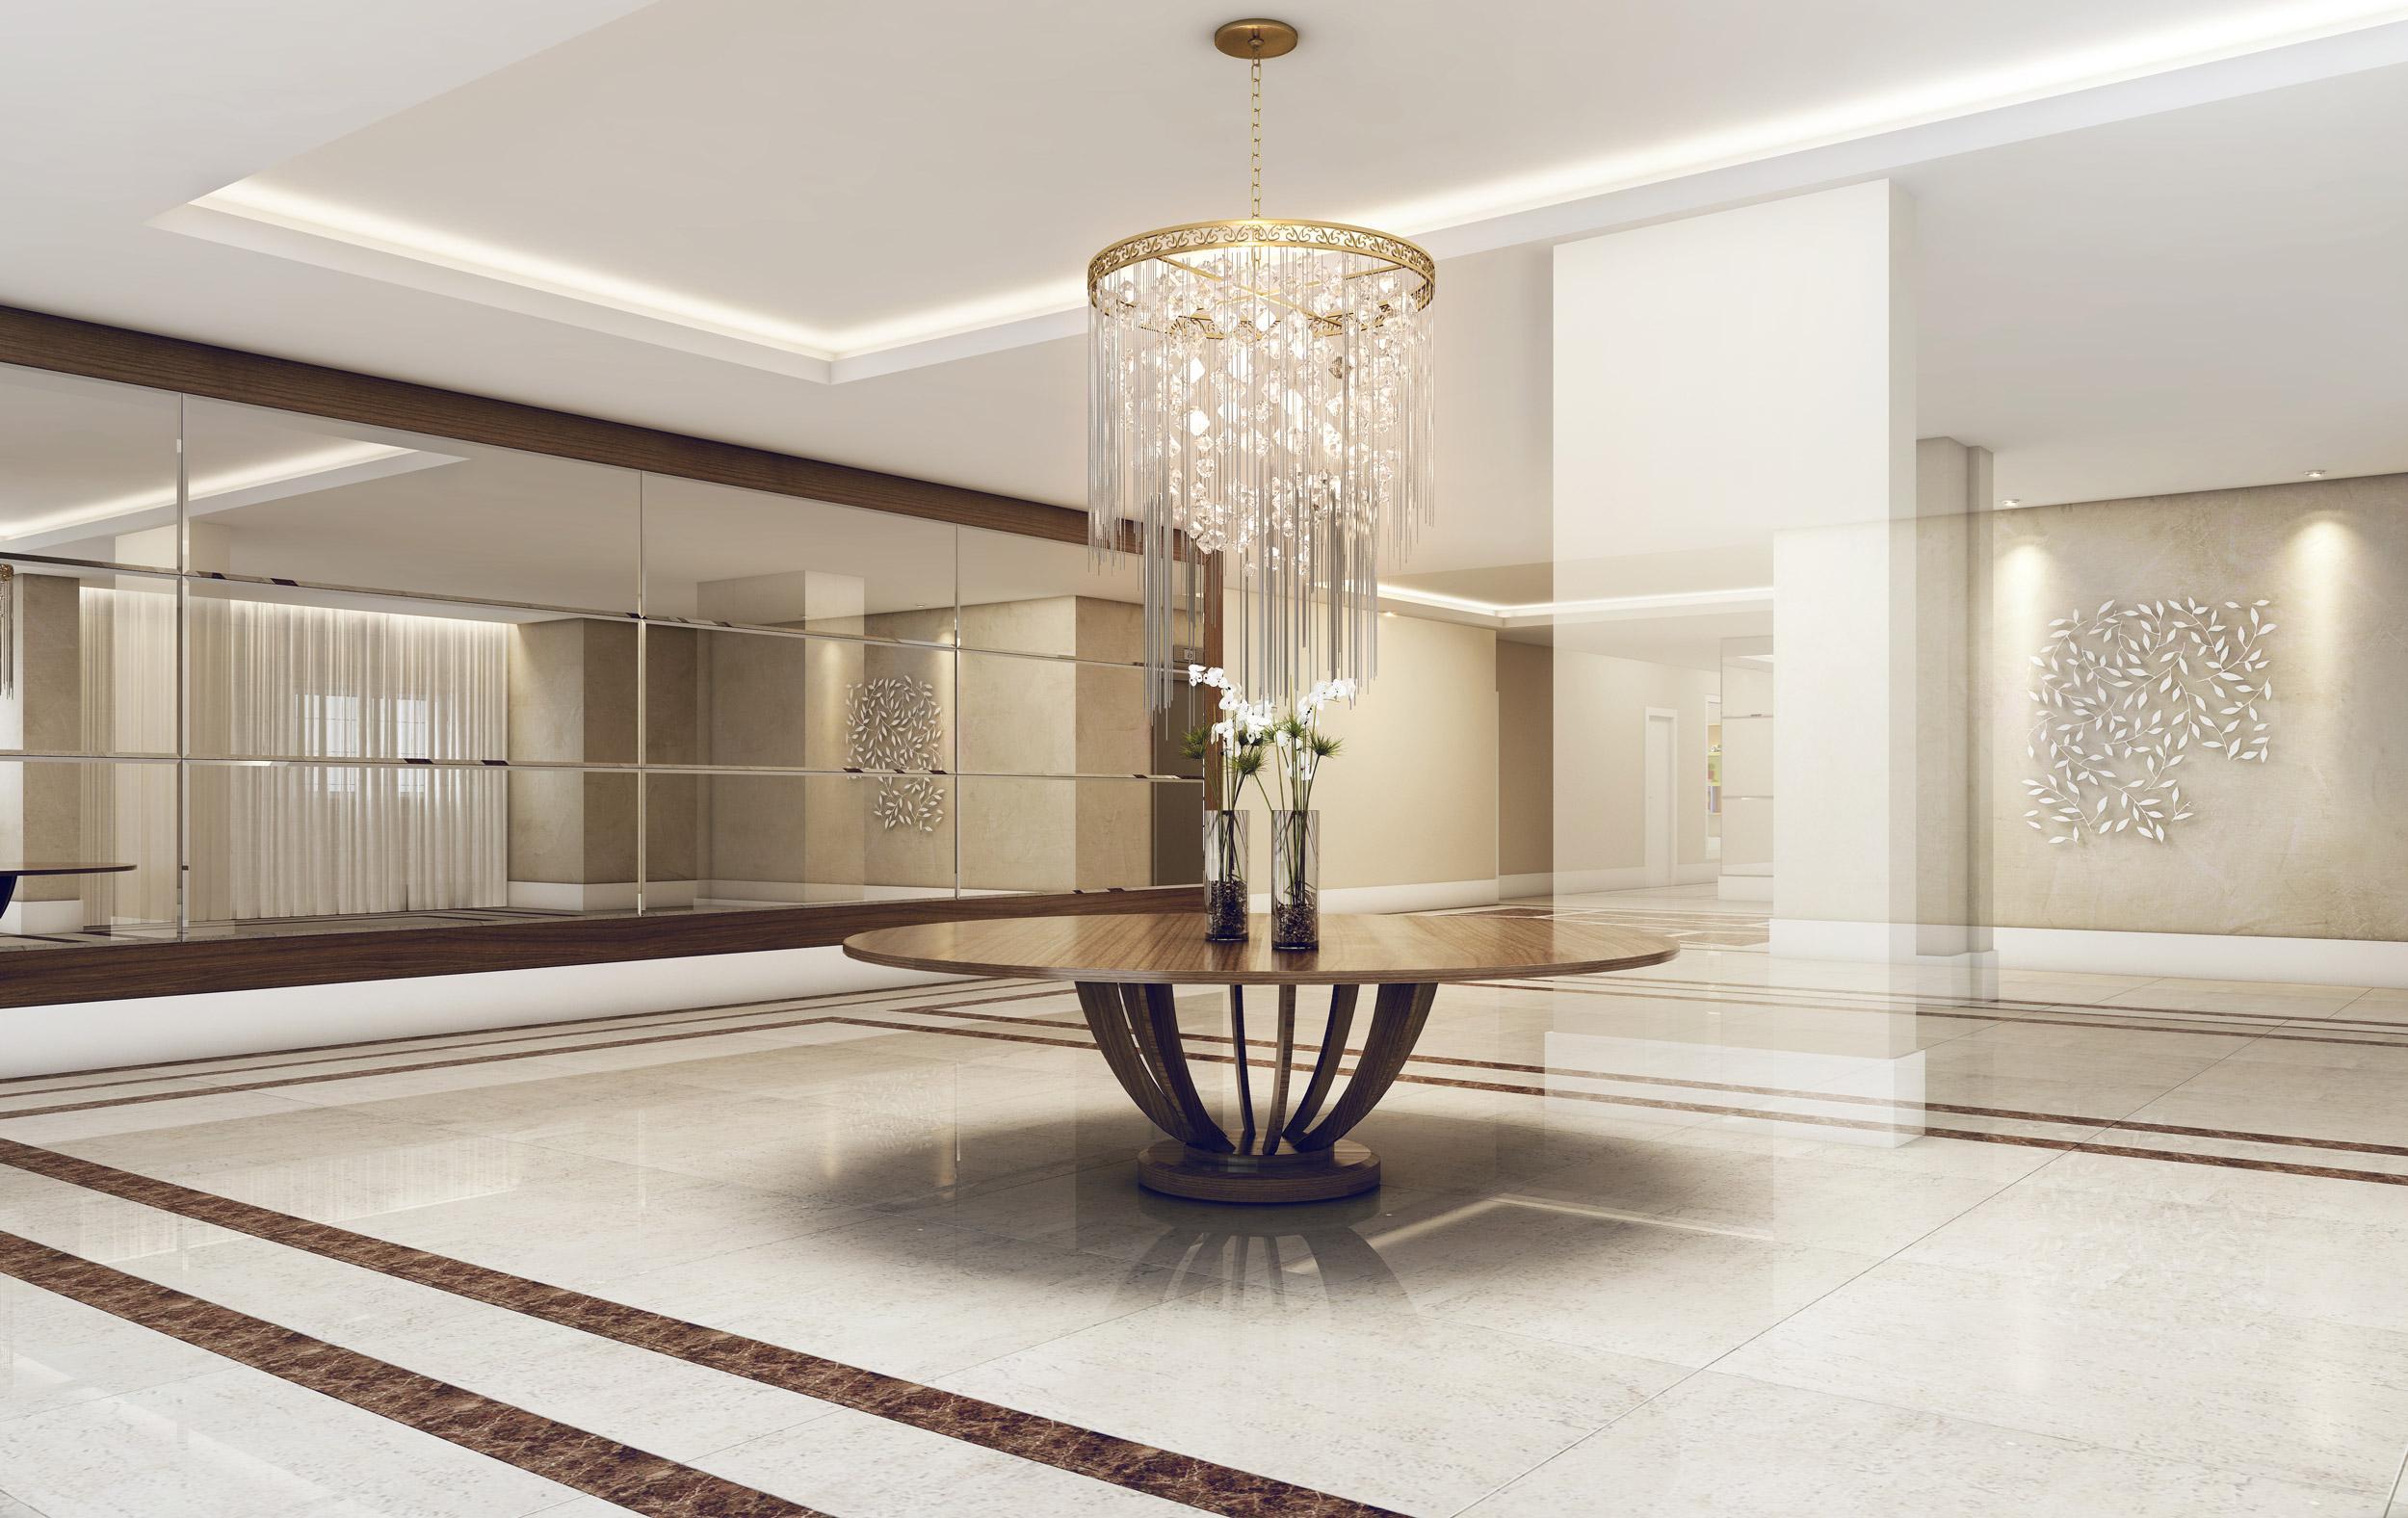 Lobby | Cyrela Gran Cypriani – Apartamentono  Ipiranga - São Paulo - São Paulo